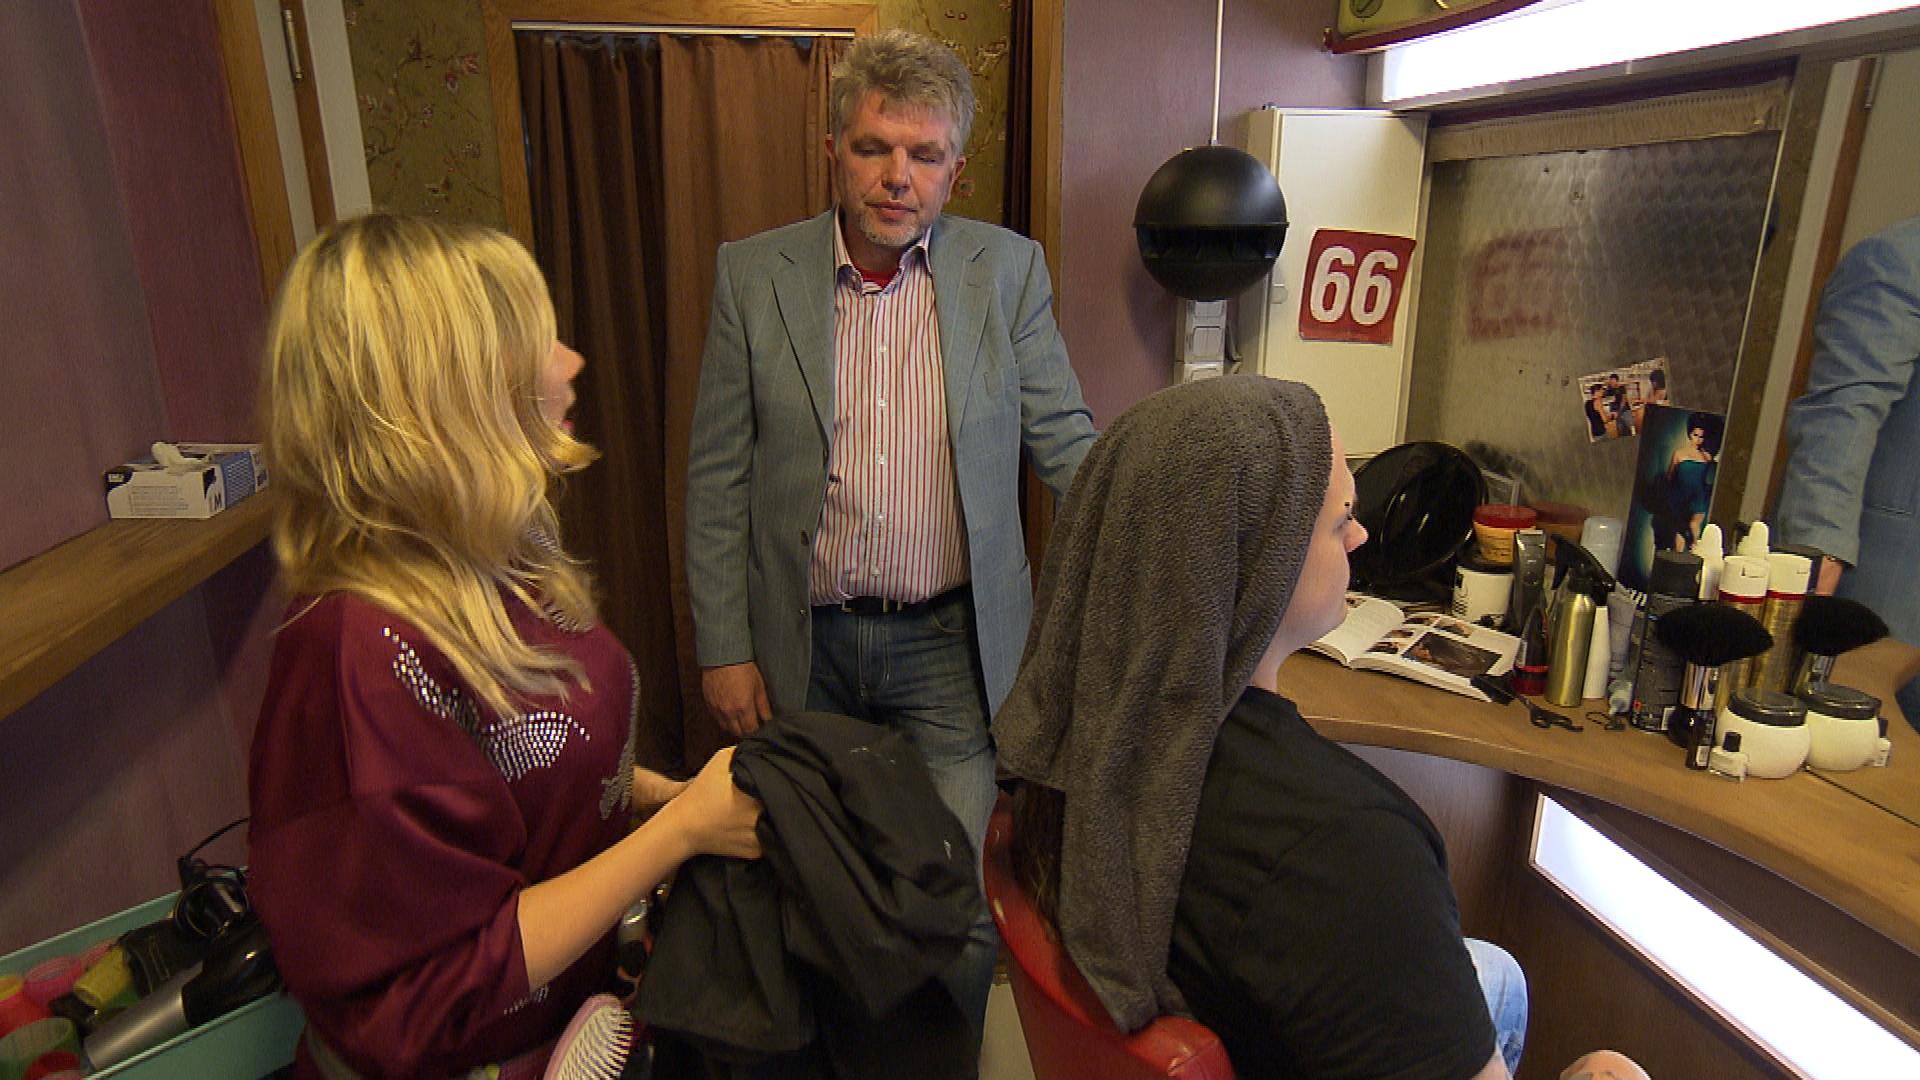 Nach einer vernichtenden Kritik ihres Lehrers ist Chantal am Boden zerstört (Quelle: RTL 2)